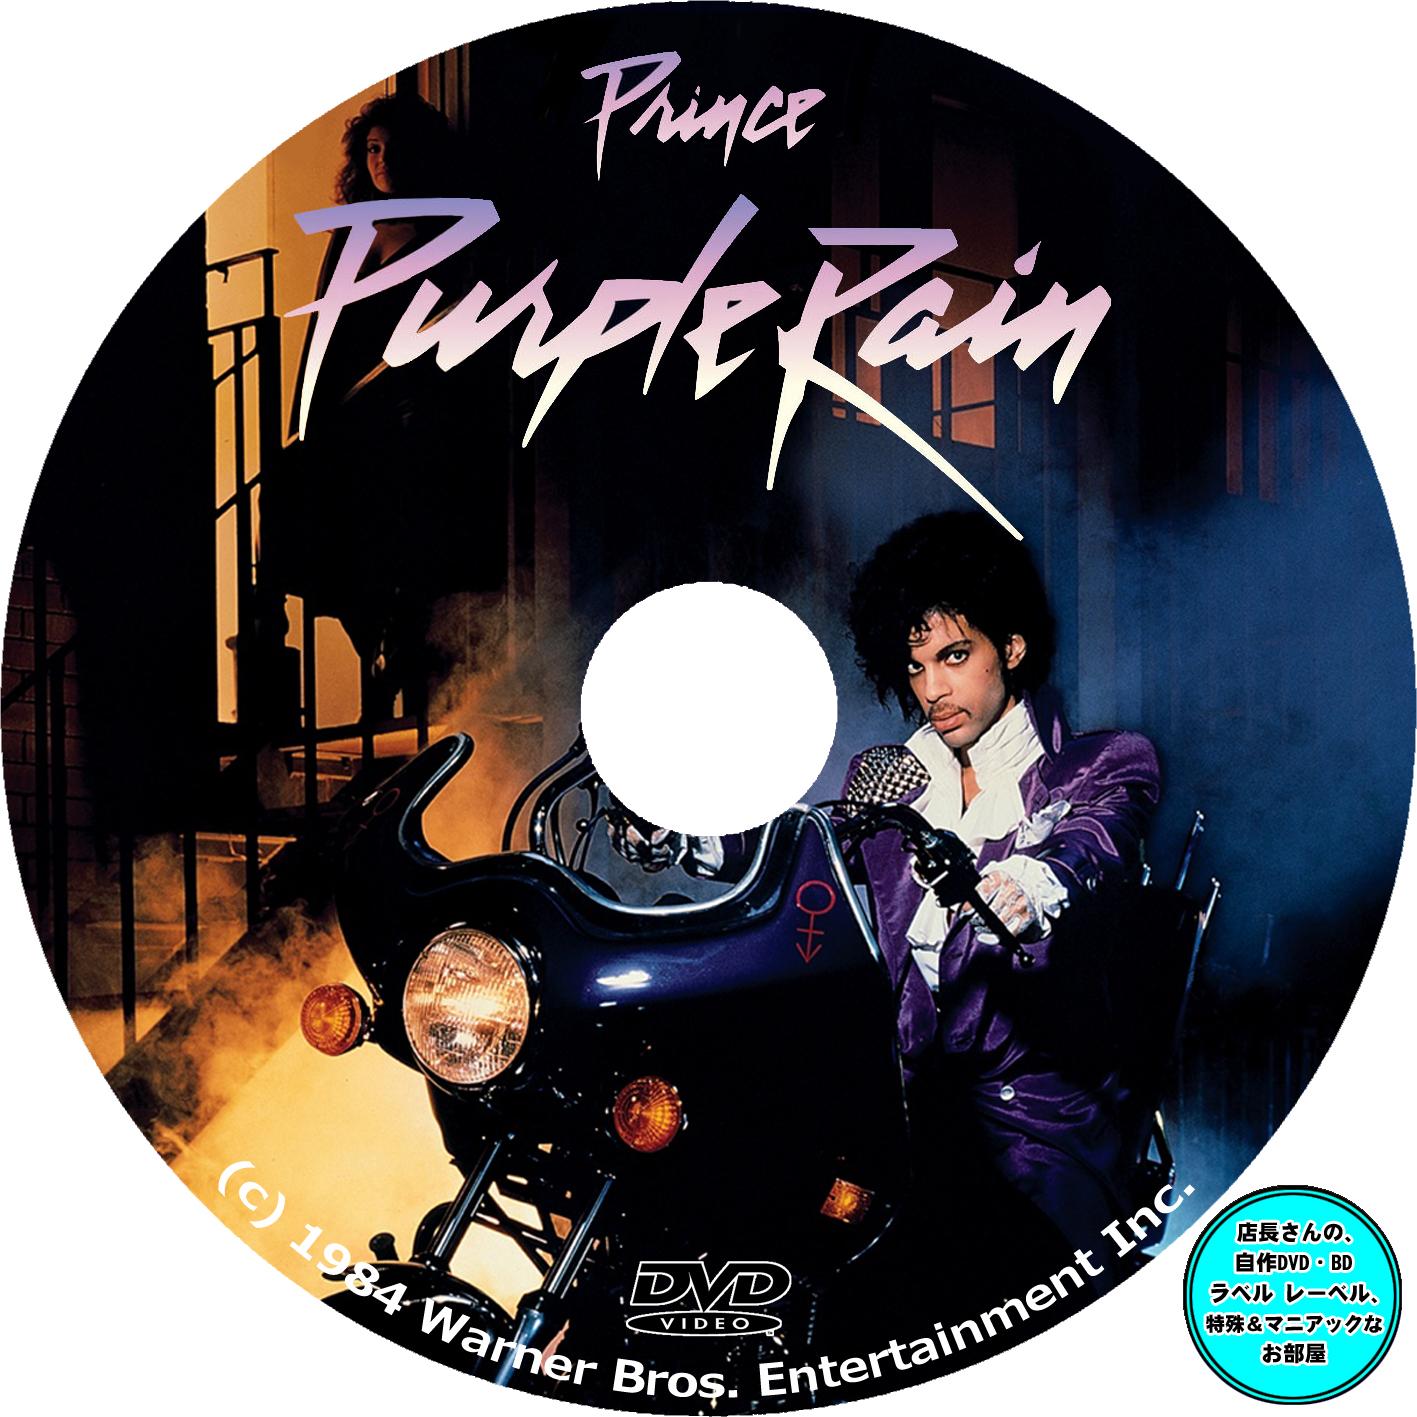 パープルレイン(映画) - 店長さんの、自作DVD・BDラベル レーベル ...